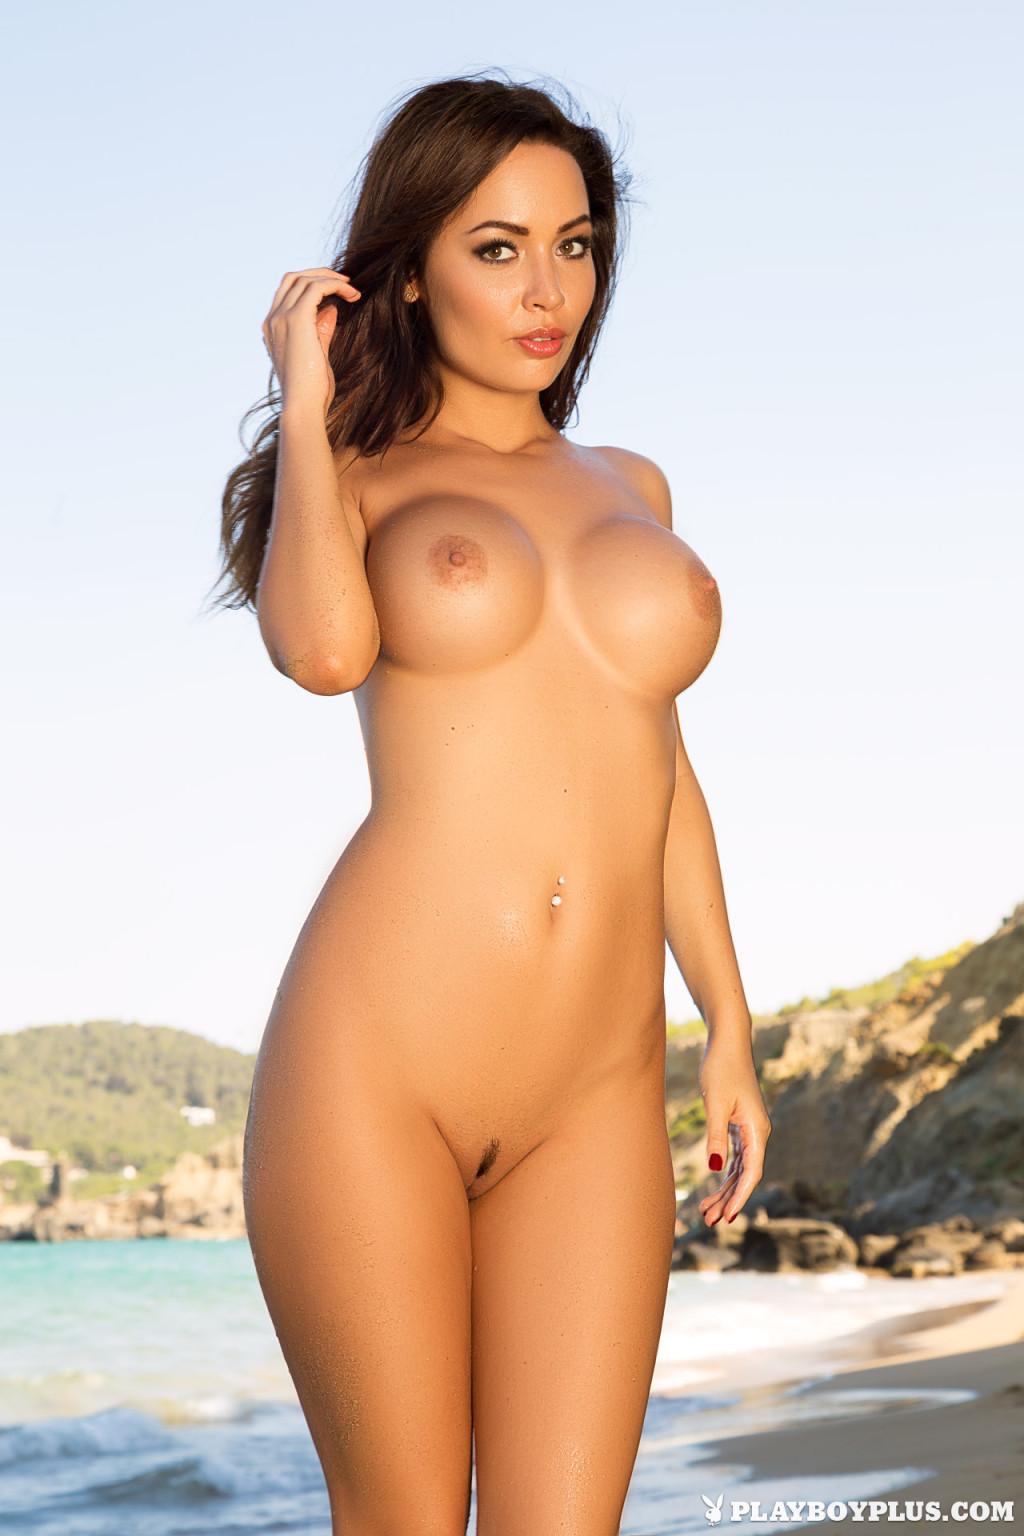 Адриенн Левай показывает свое сексуальное тело в крохотном красном бикини, позволяя насладиться своей красотой